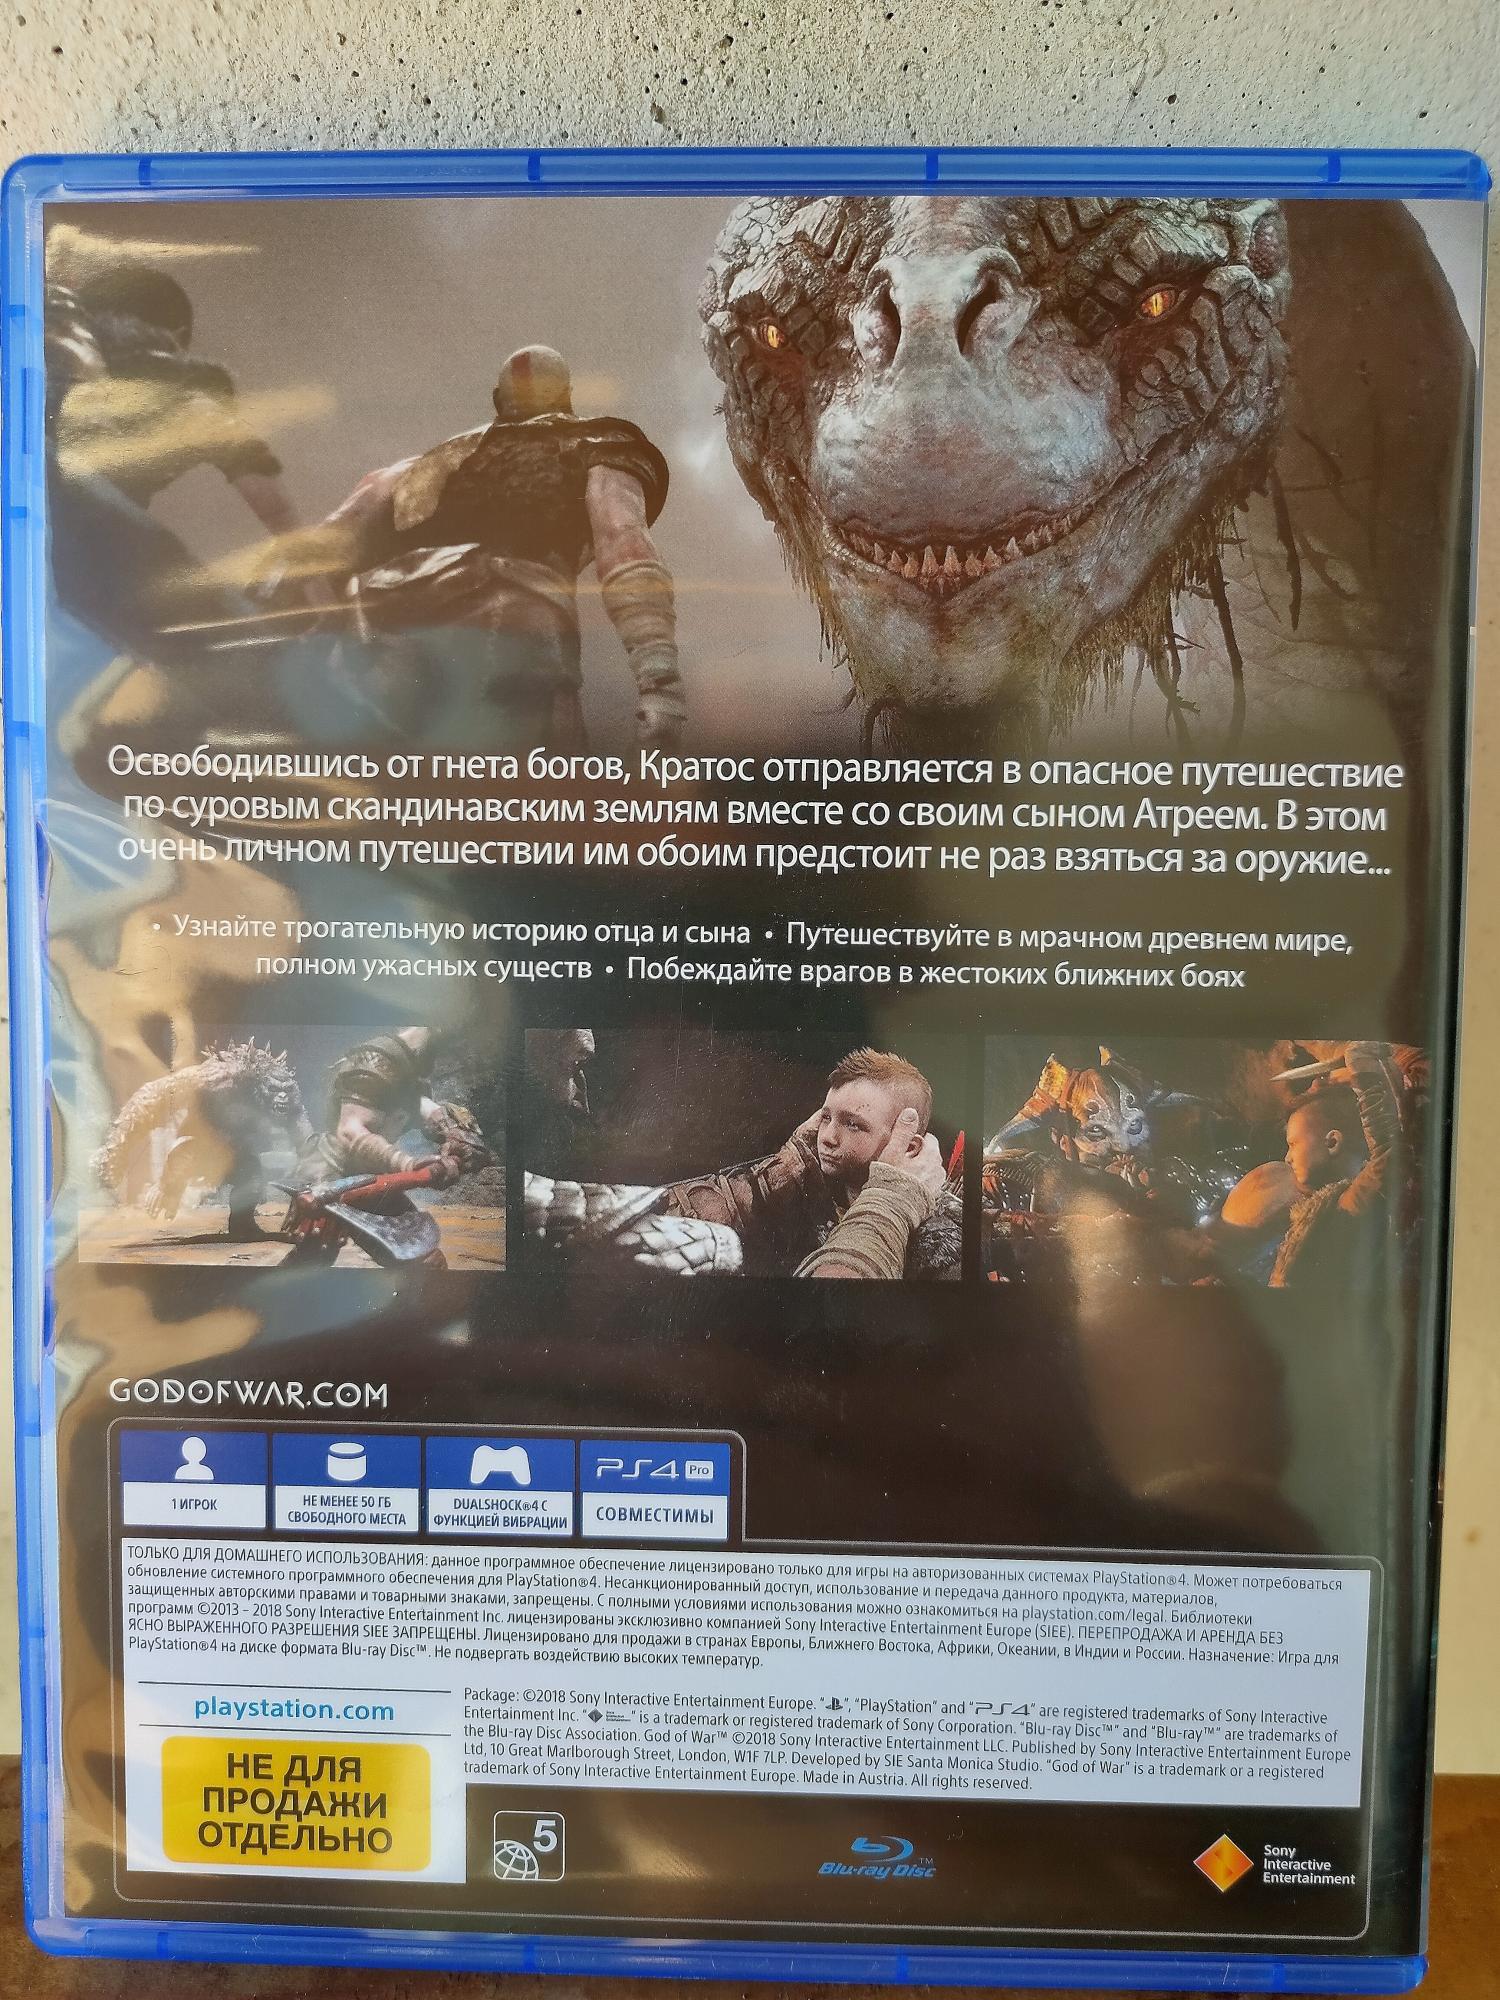 God of War PS4 в Королеве 89853501286 купить 2